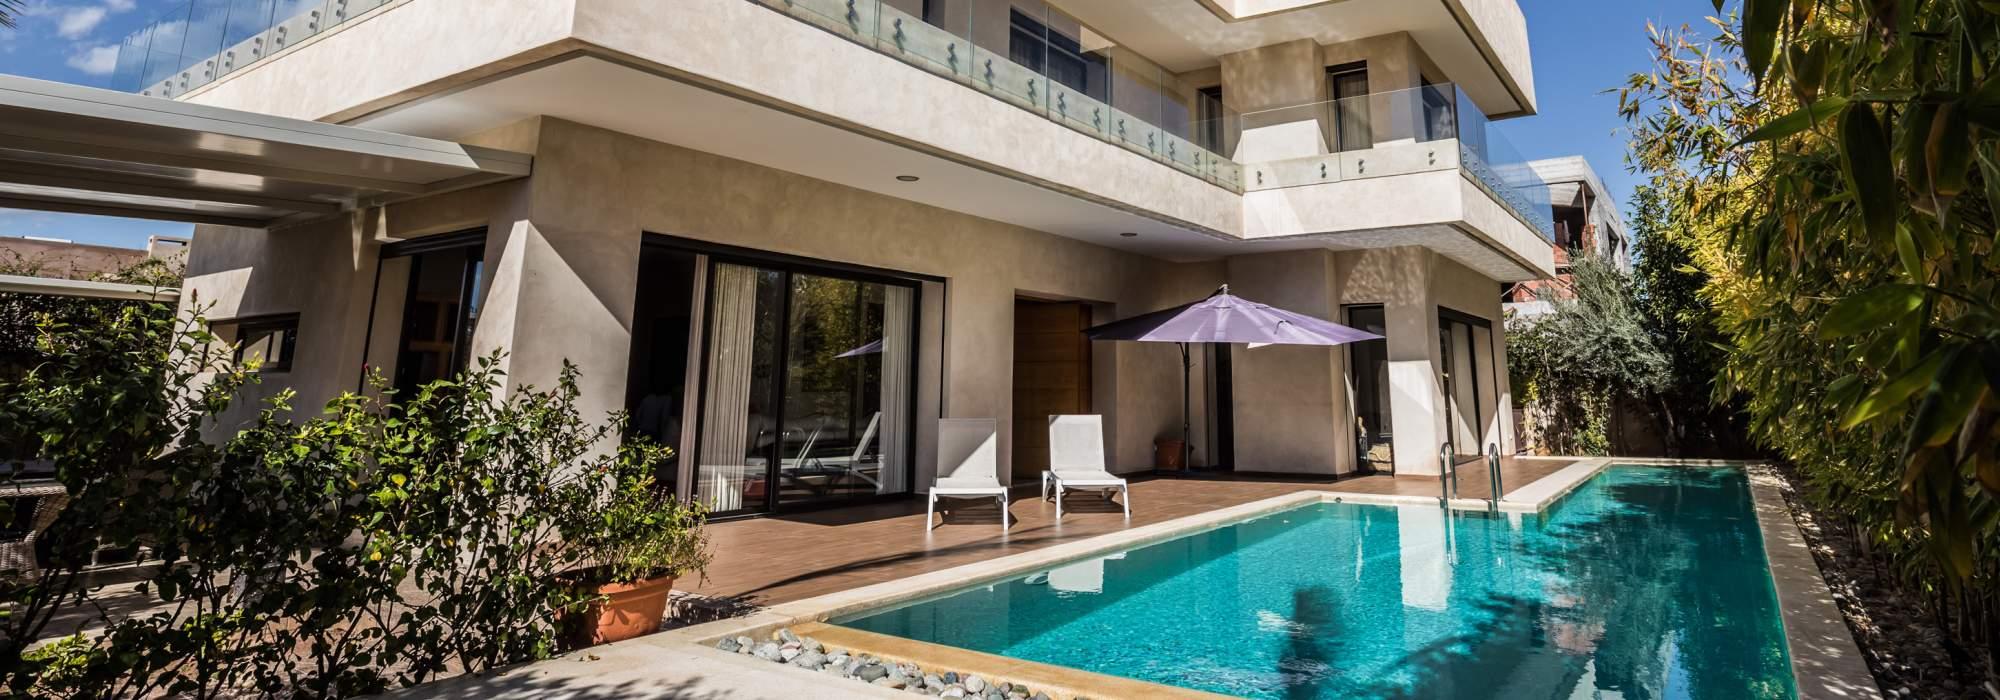 maison a vendre contemporain  golfs amelkis marrakech